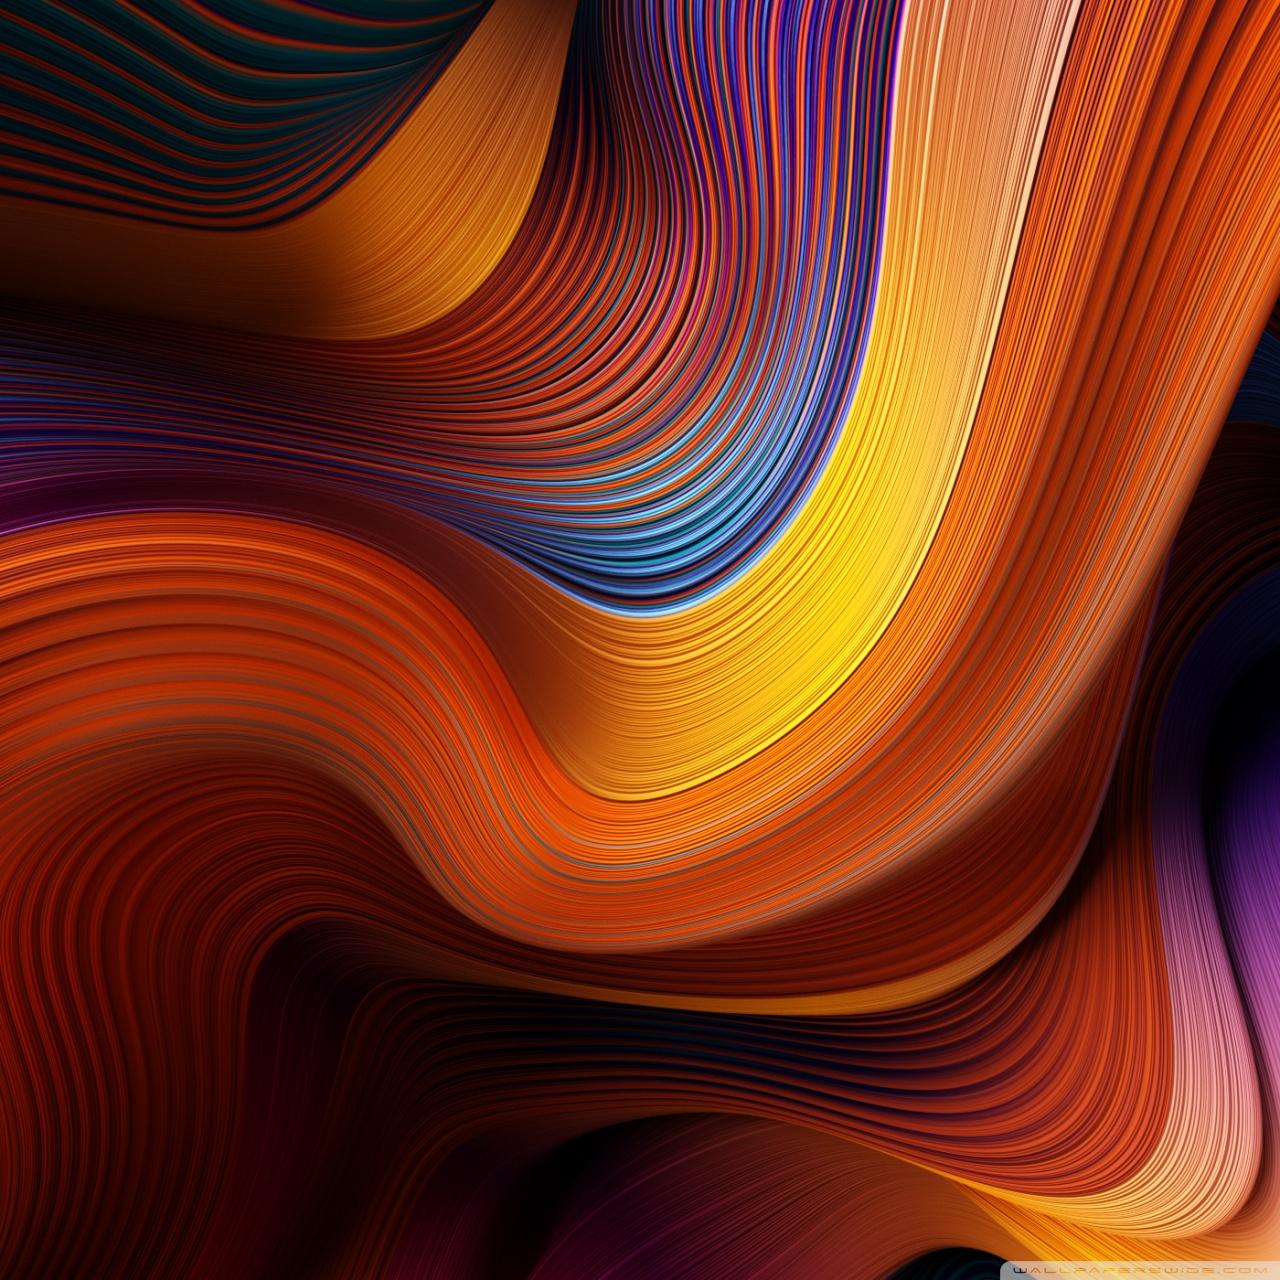 Fractal Art - HD Wallpaper